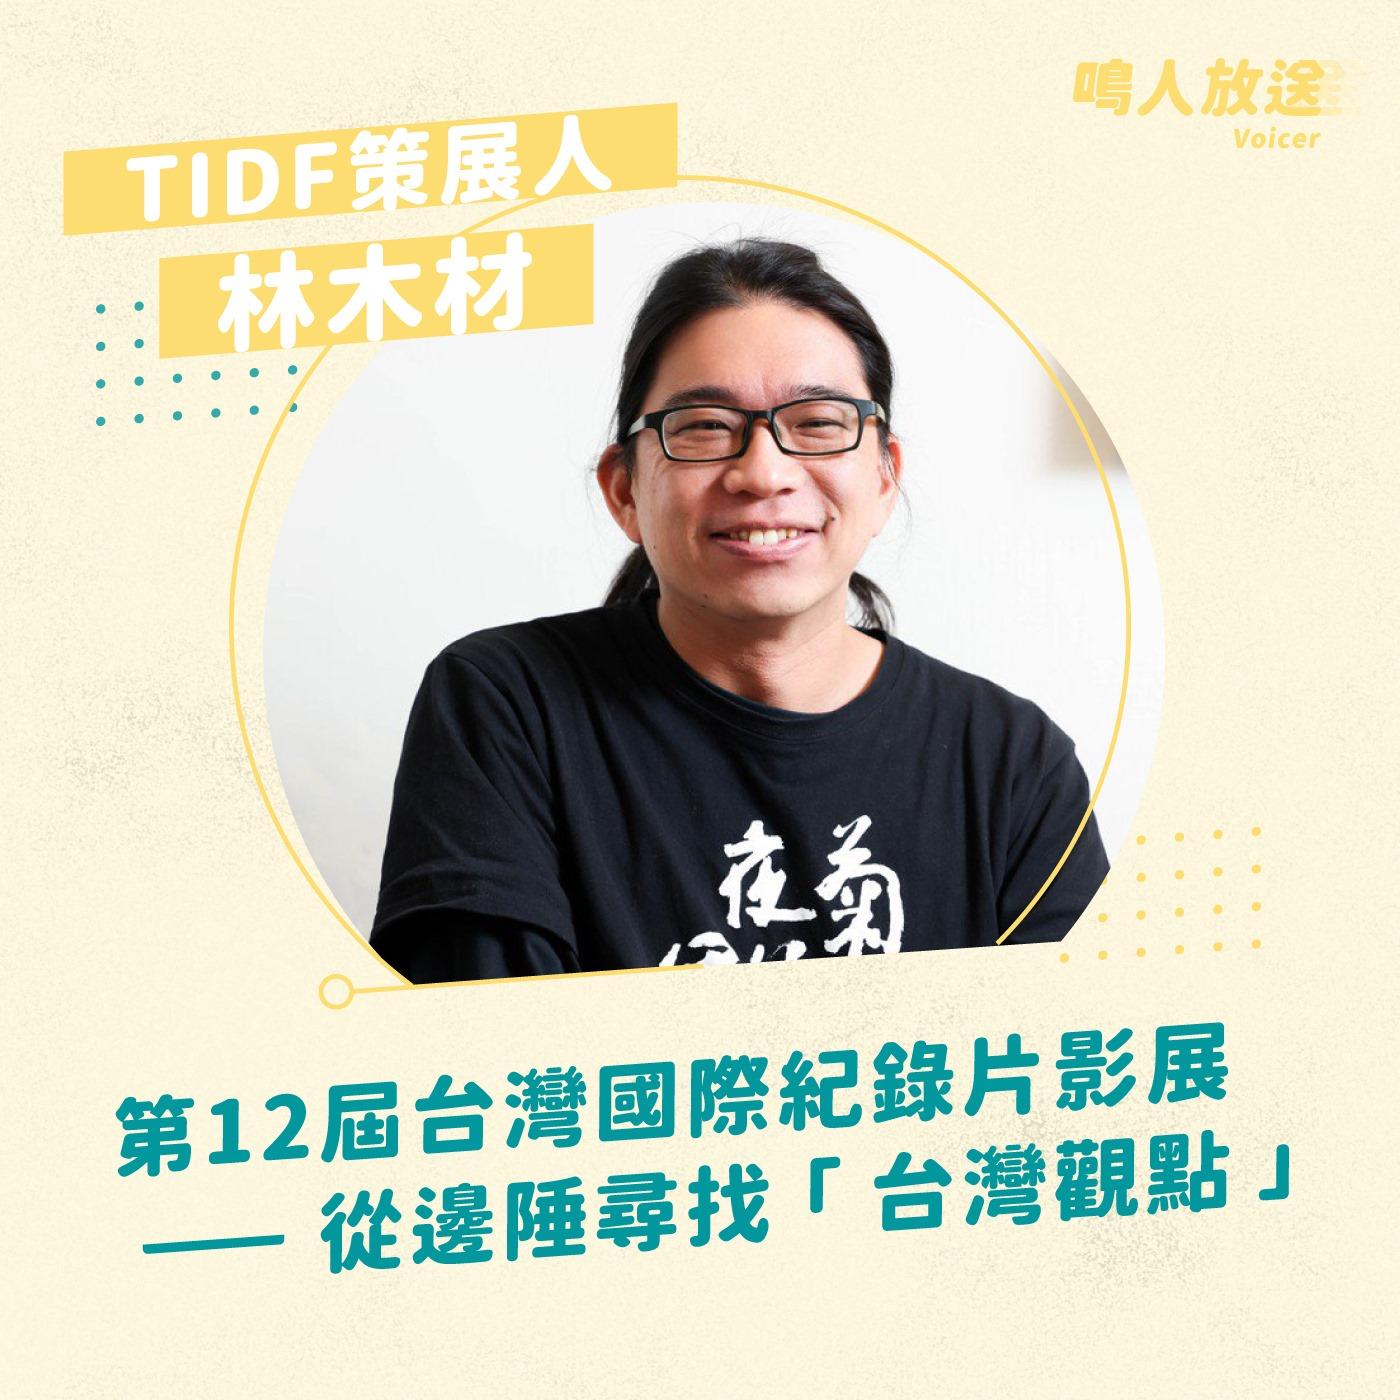 #45 紀錄片可以改變世界嗎?邊緣人台灣看見的「台灣觀點」 ft.林木材